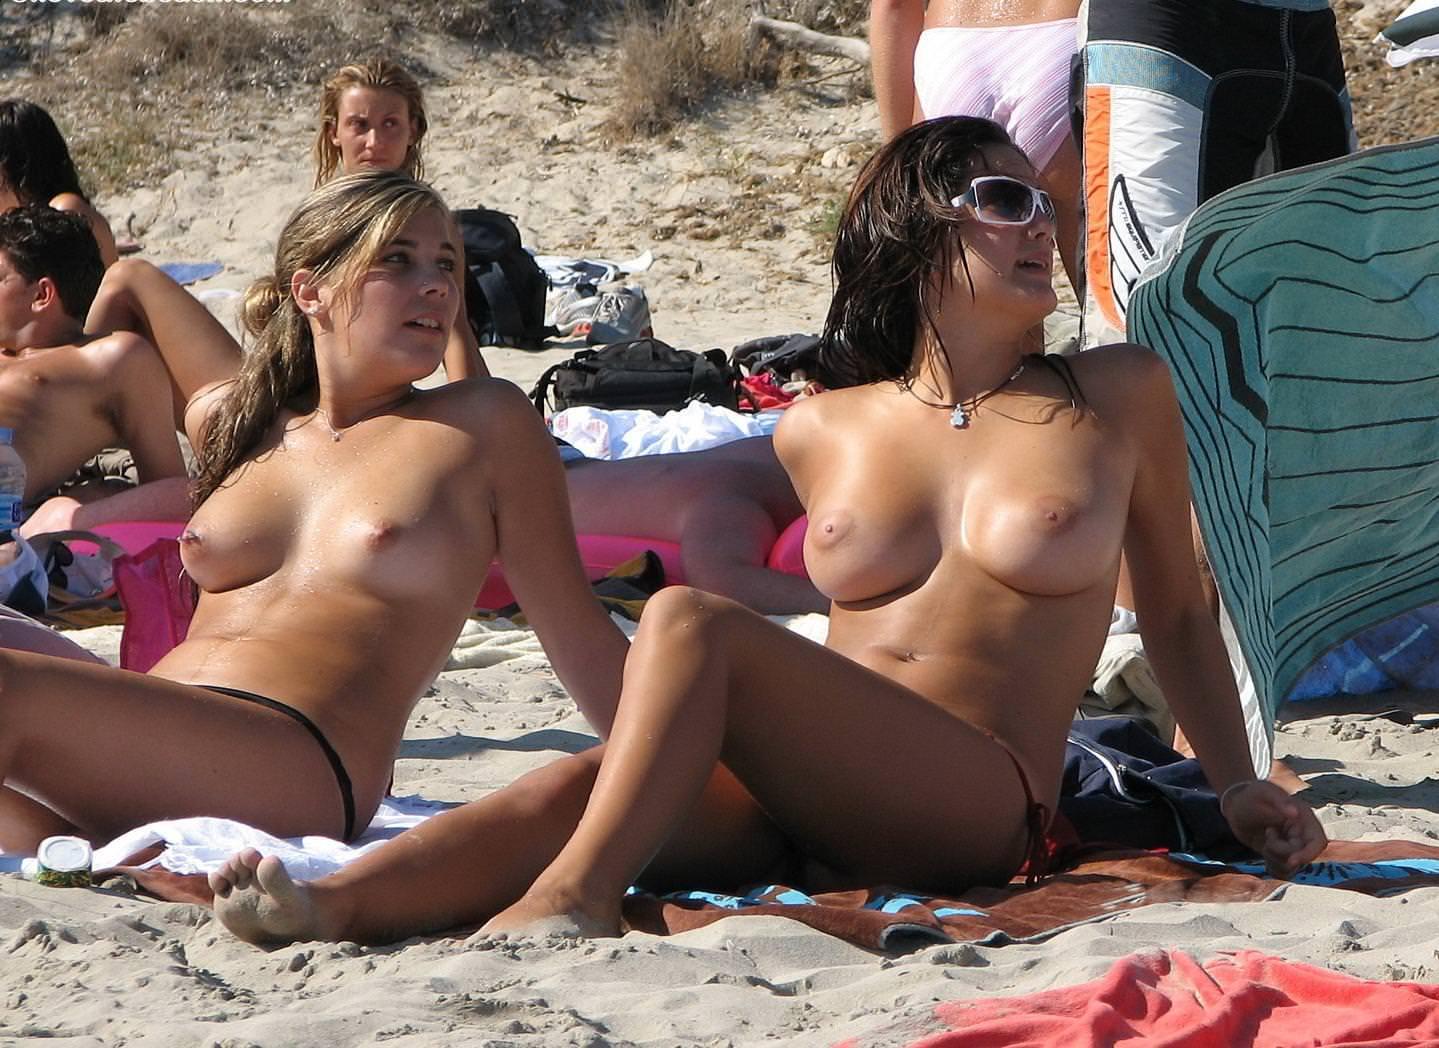 ヌーディストビーチにいた巨乳の外国人